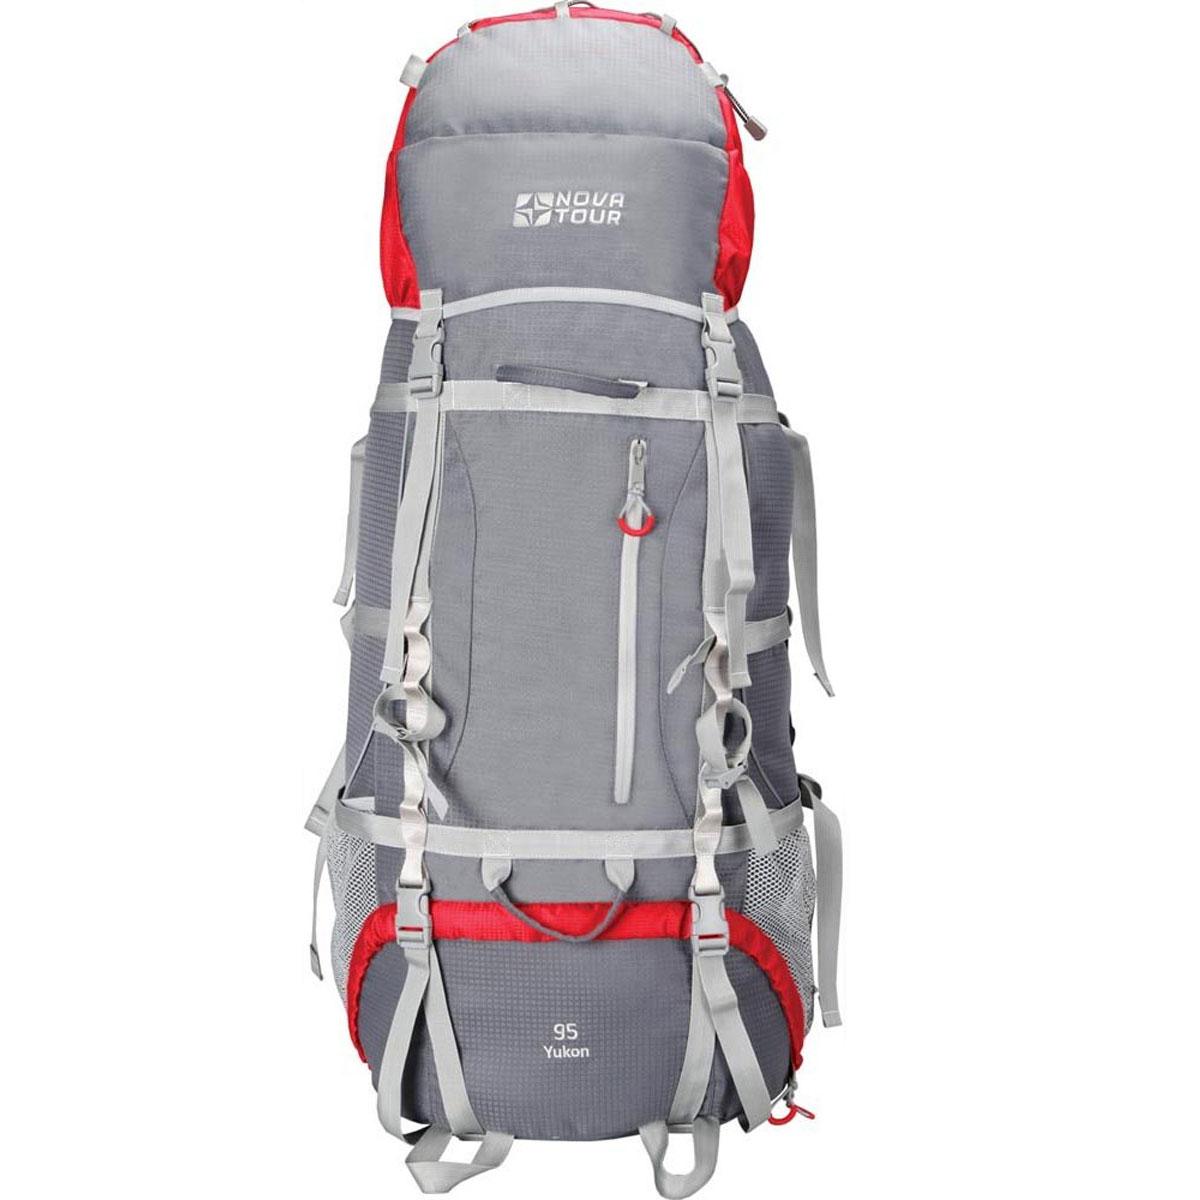 """Рюкзак туристический  Nova Tour """"Юкон 95 V2"""", цвет: серый, красный. 11203-051-00"""